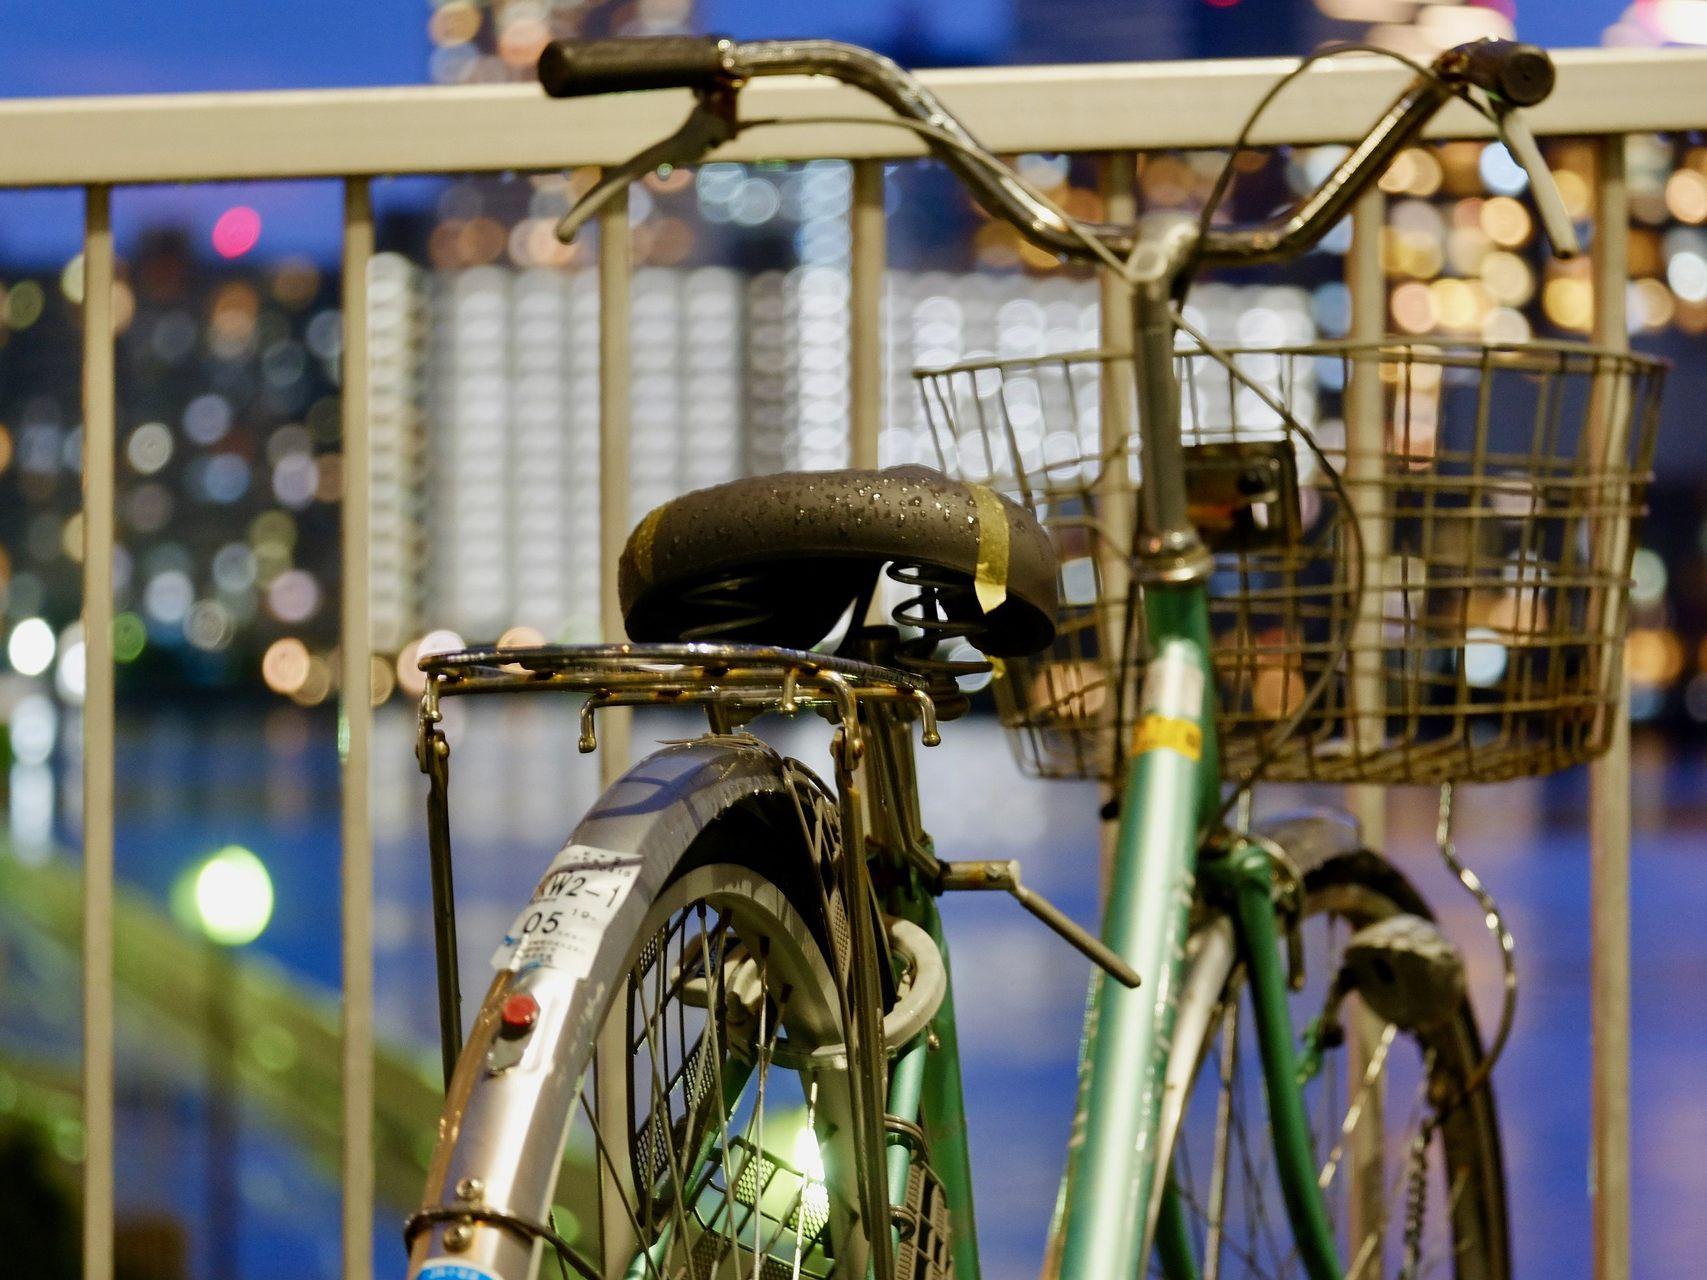 Fahrrad fahren in Wien Tipps, Infos und Radwege in Wien